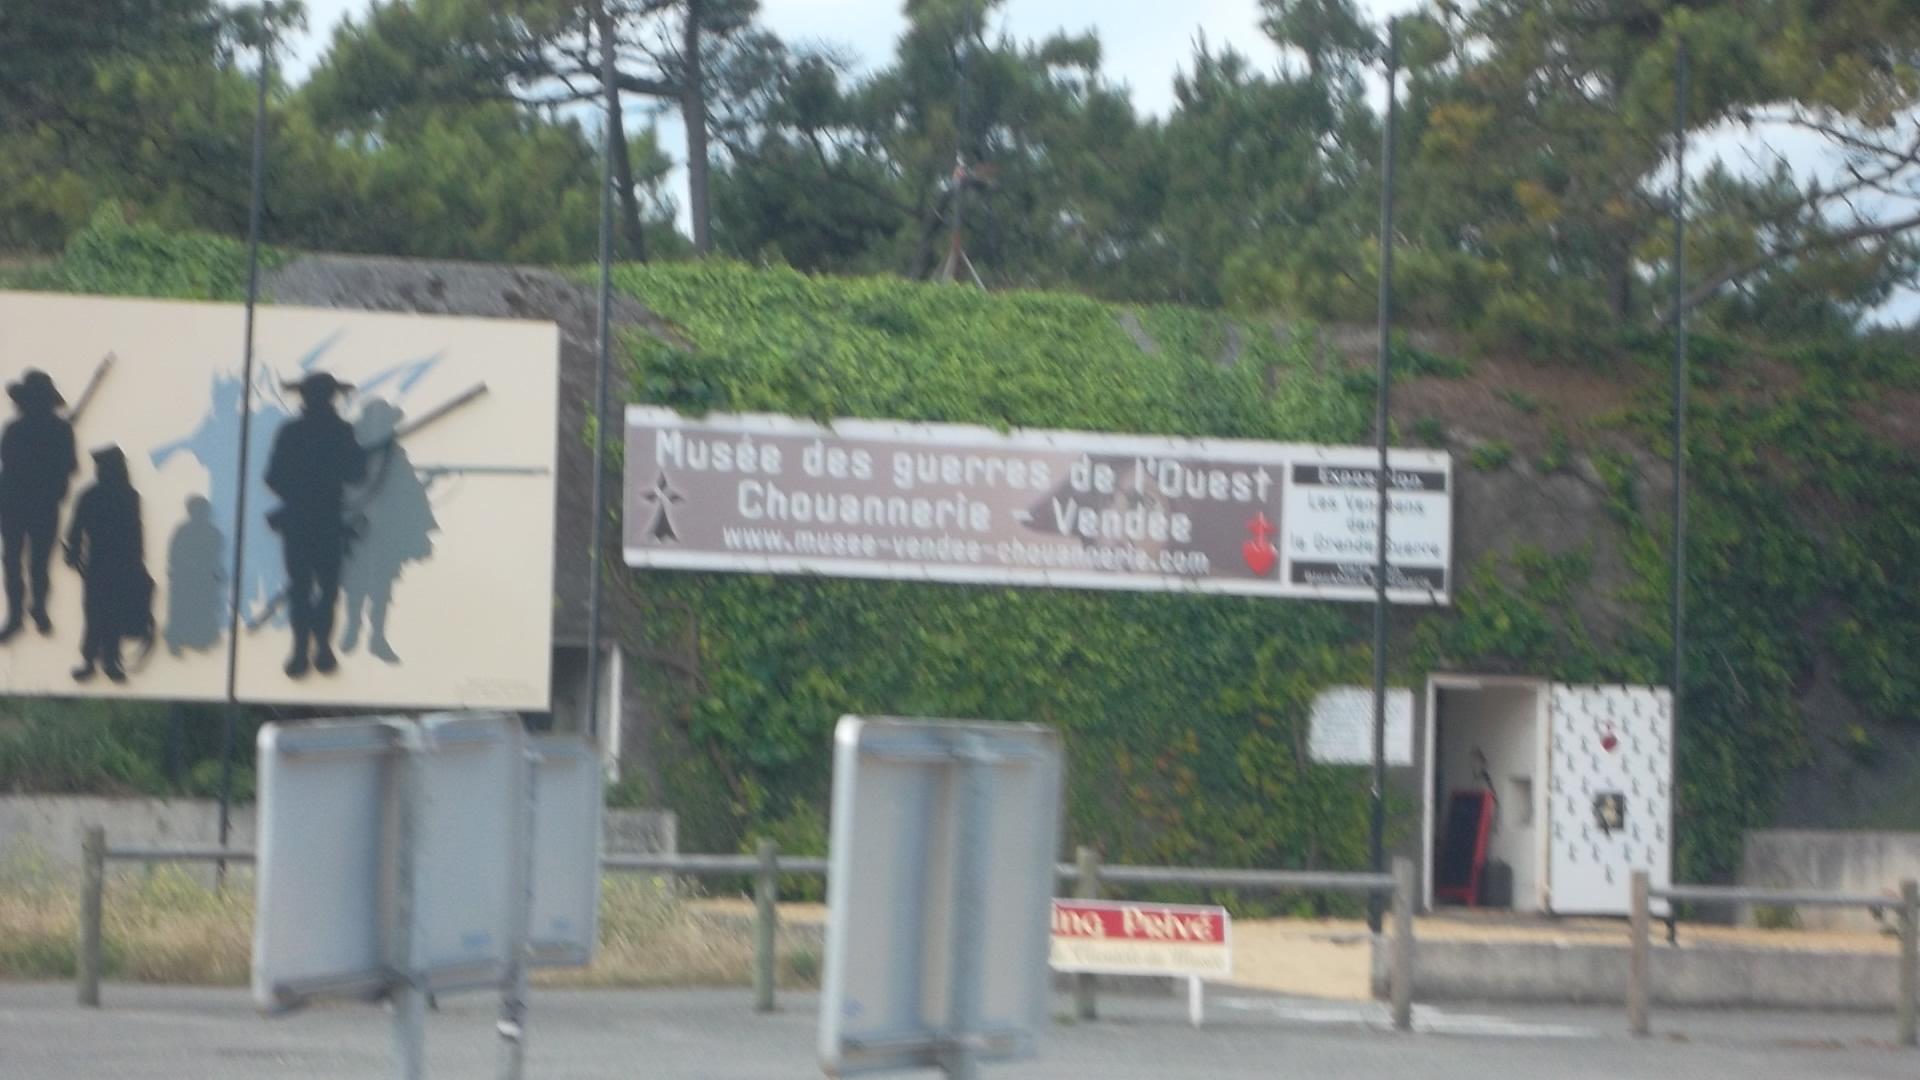 Plouharnel musee guerre de l'ouest jun12